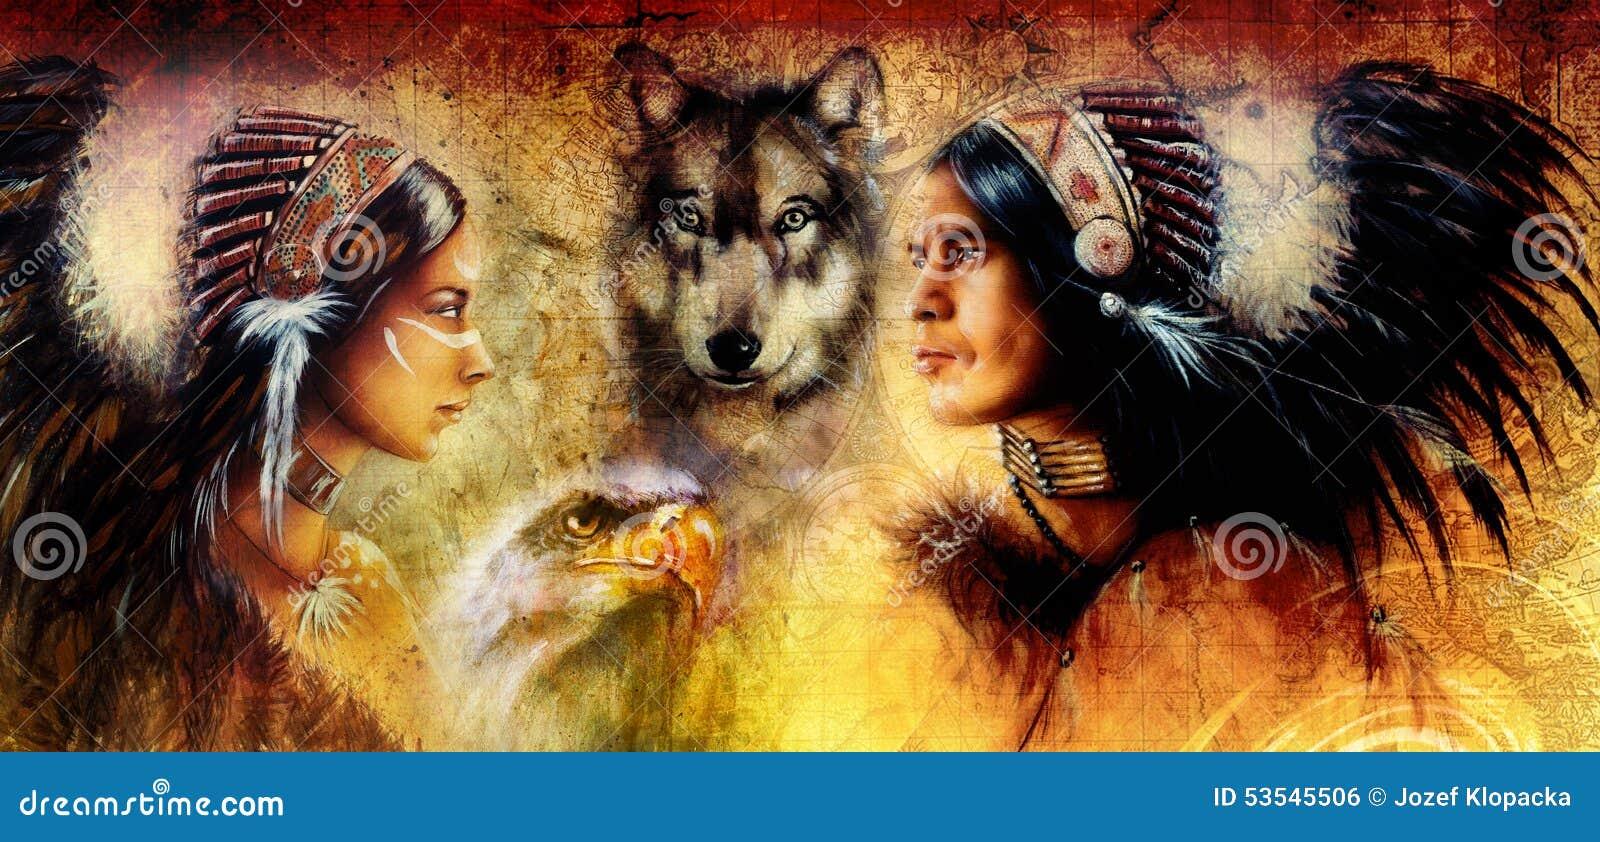 Belle peinture d 39 un jeunes homme et femme indiens accompagn s avec le lou - Les plus belles poules d ornement ...